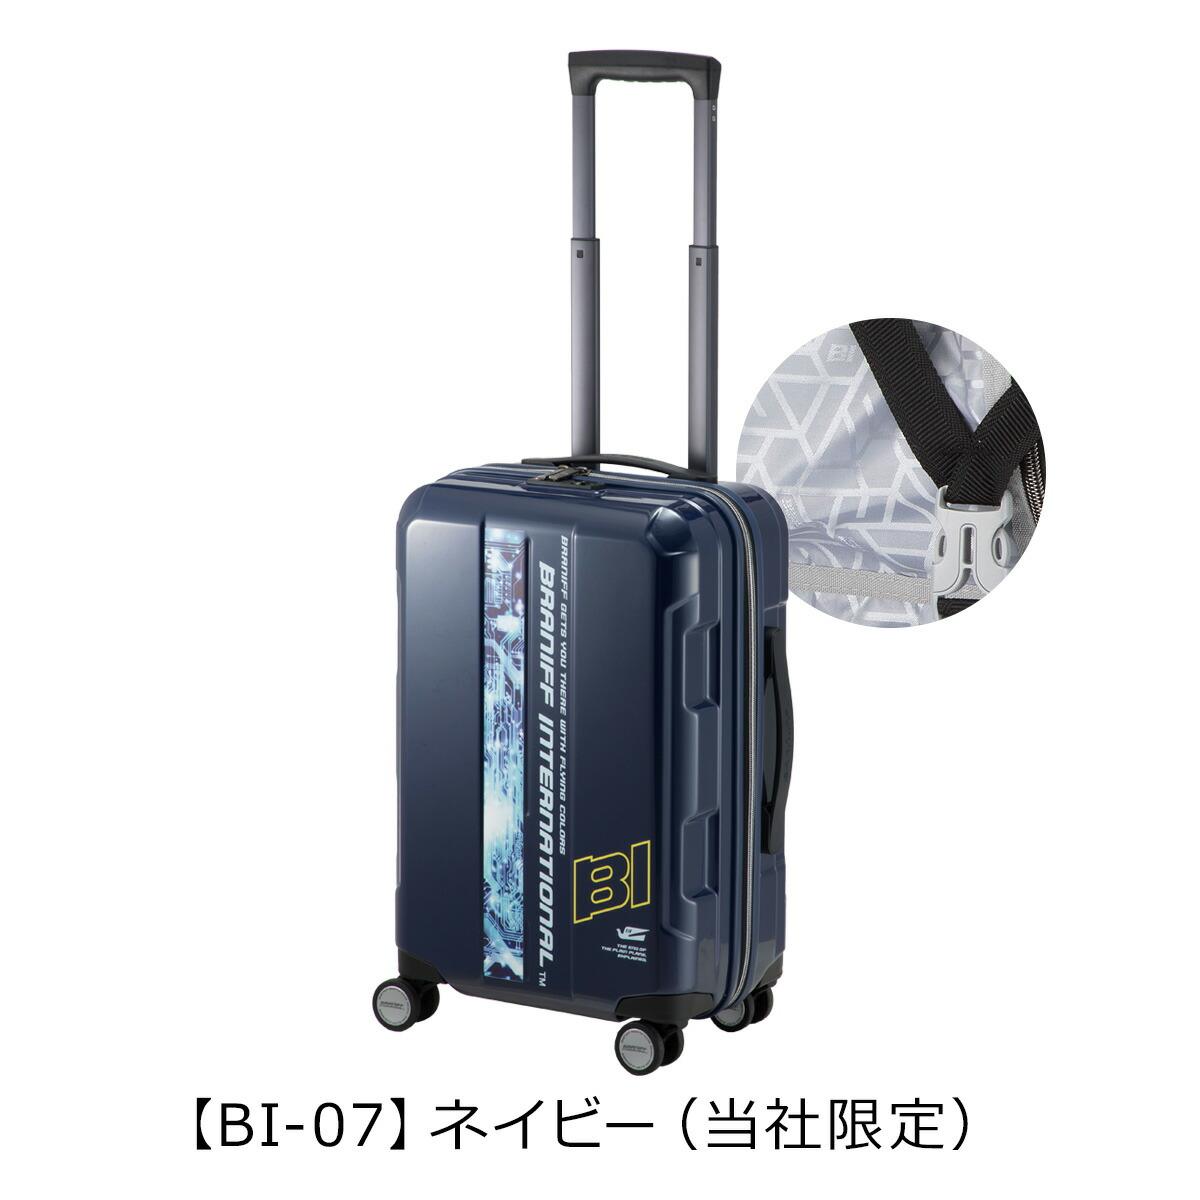 【BI-07】ネイビー(当社限定)